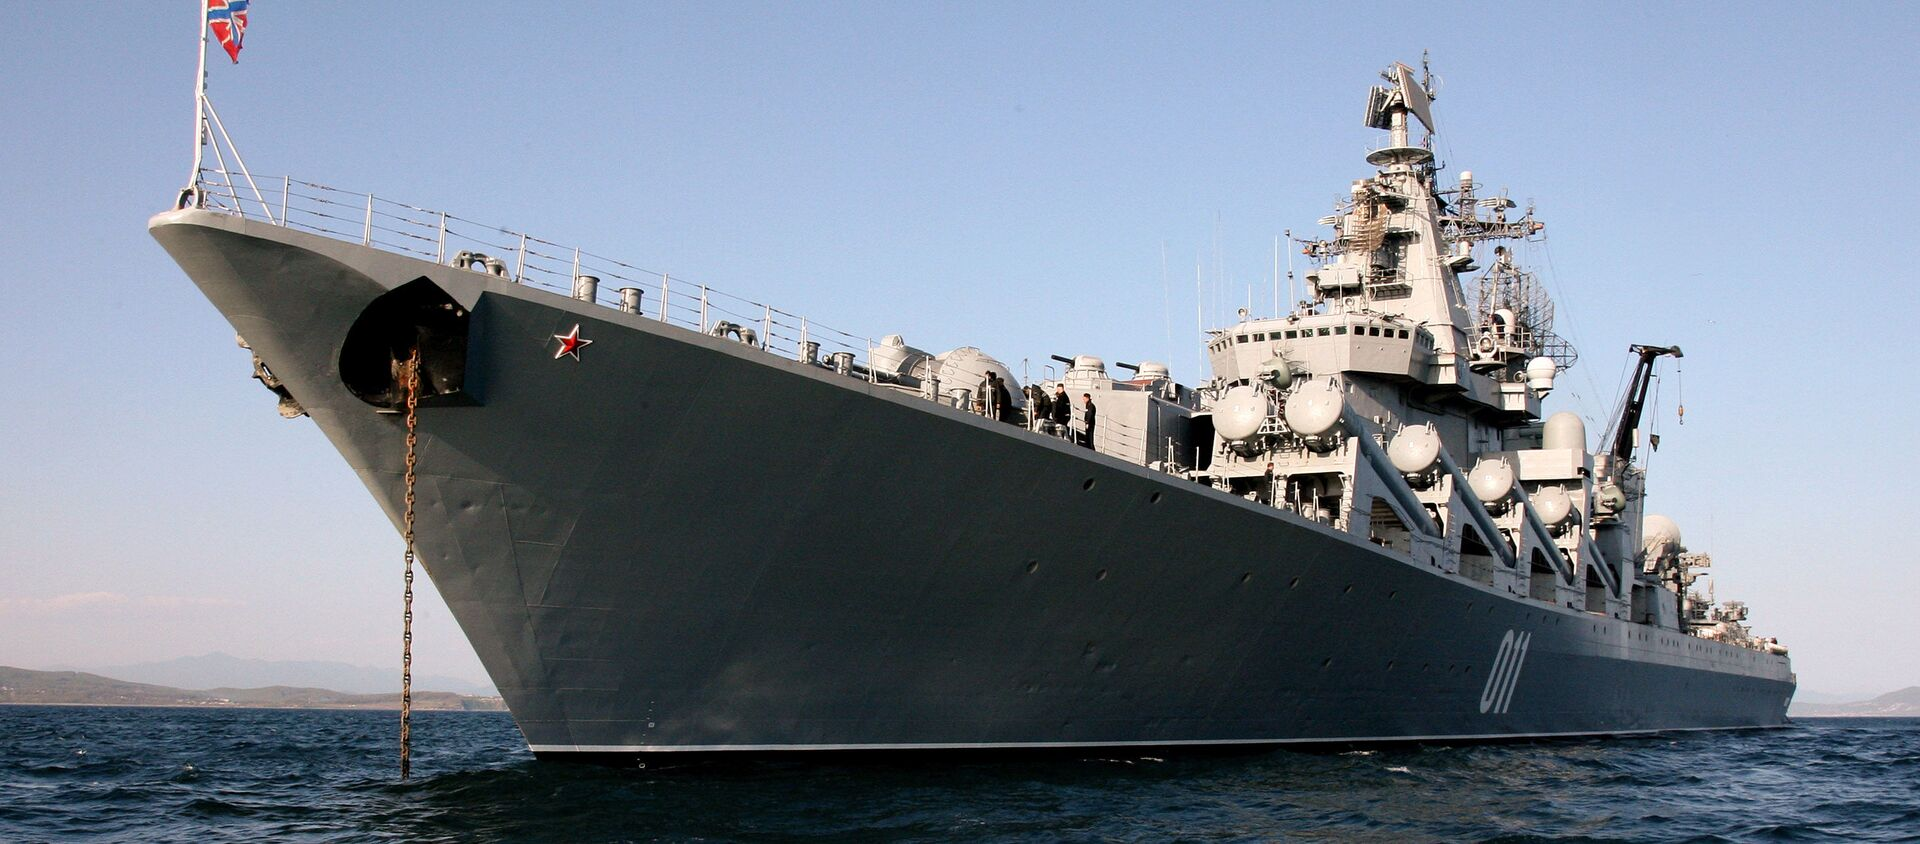 ロシアの巡洋艦「ヴァリャーグ」 - Sputnik 日本, 1920, 10.06.2021